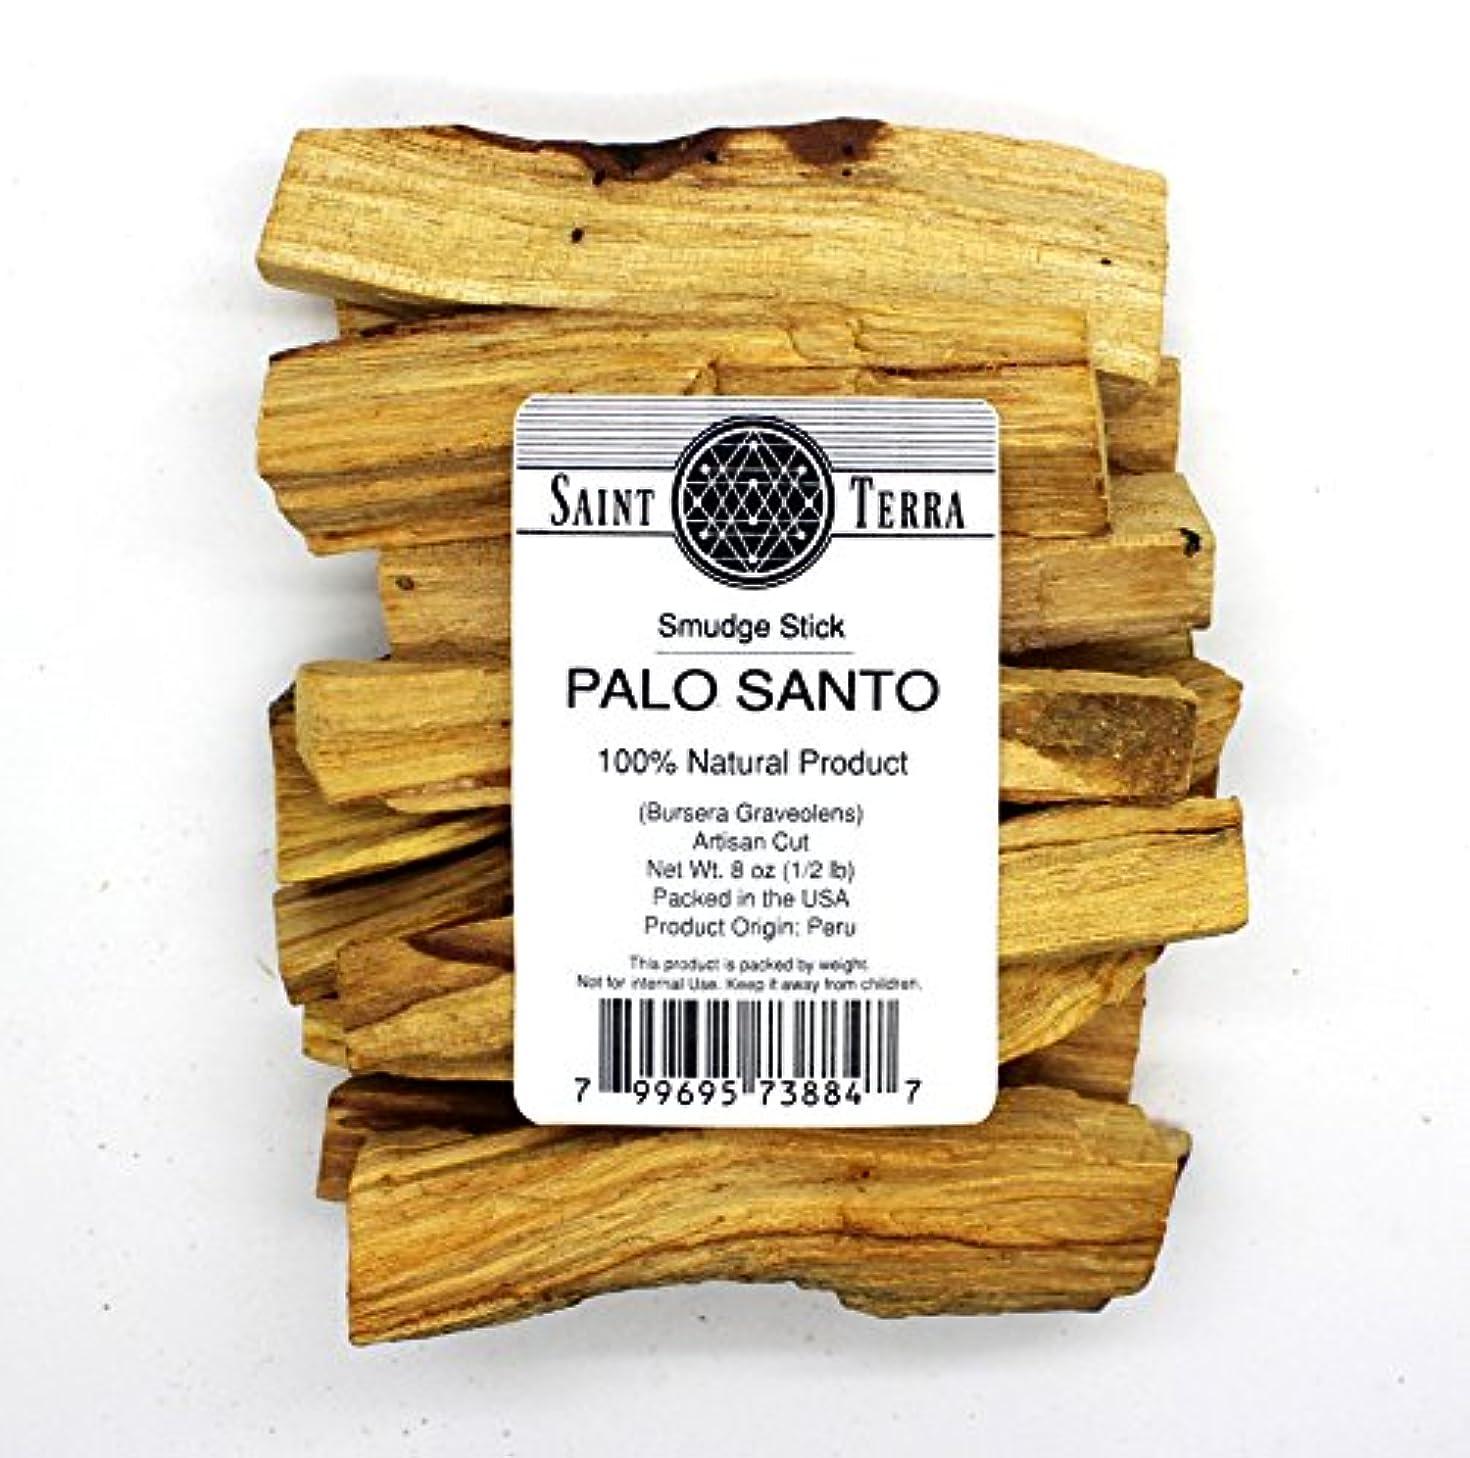 離す服お気に入りSaint Terra – プレミアムPalo SantoHoly Wood8オンスパックアーティザンカットSmudge Stick – 100 % Natural